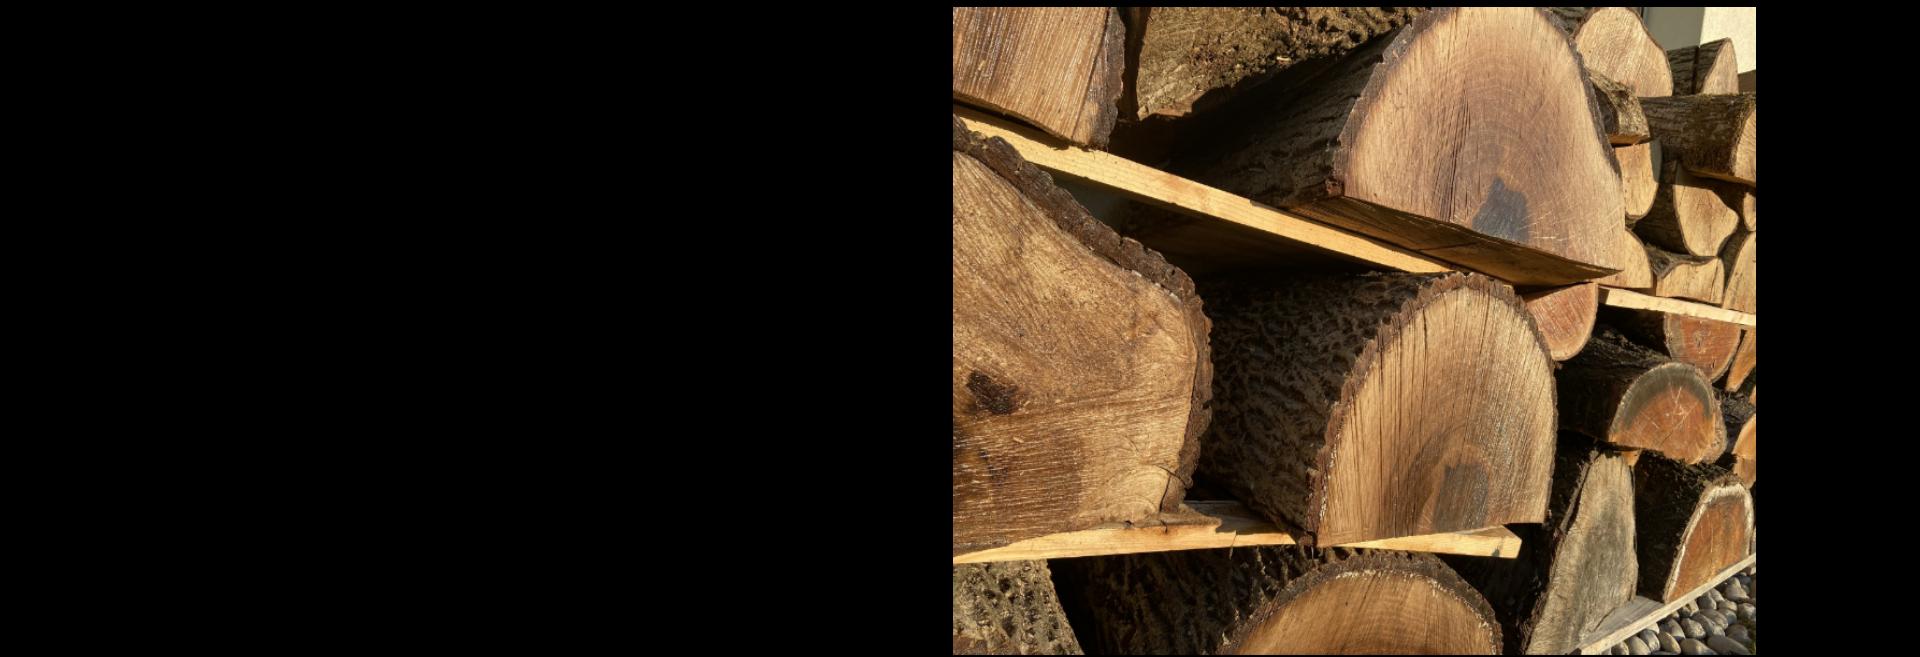 Rohstoff Holz Rohlinge